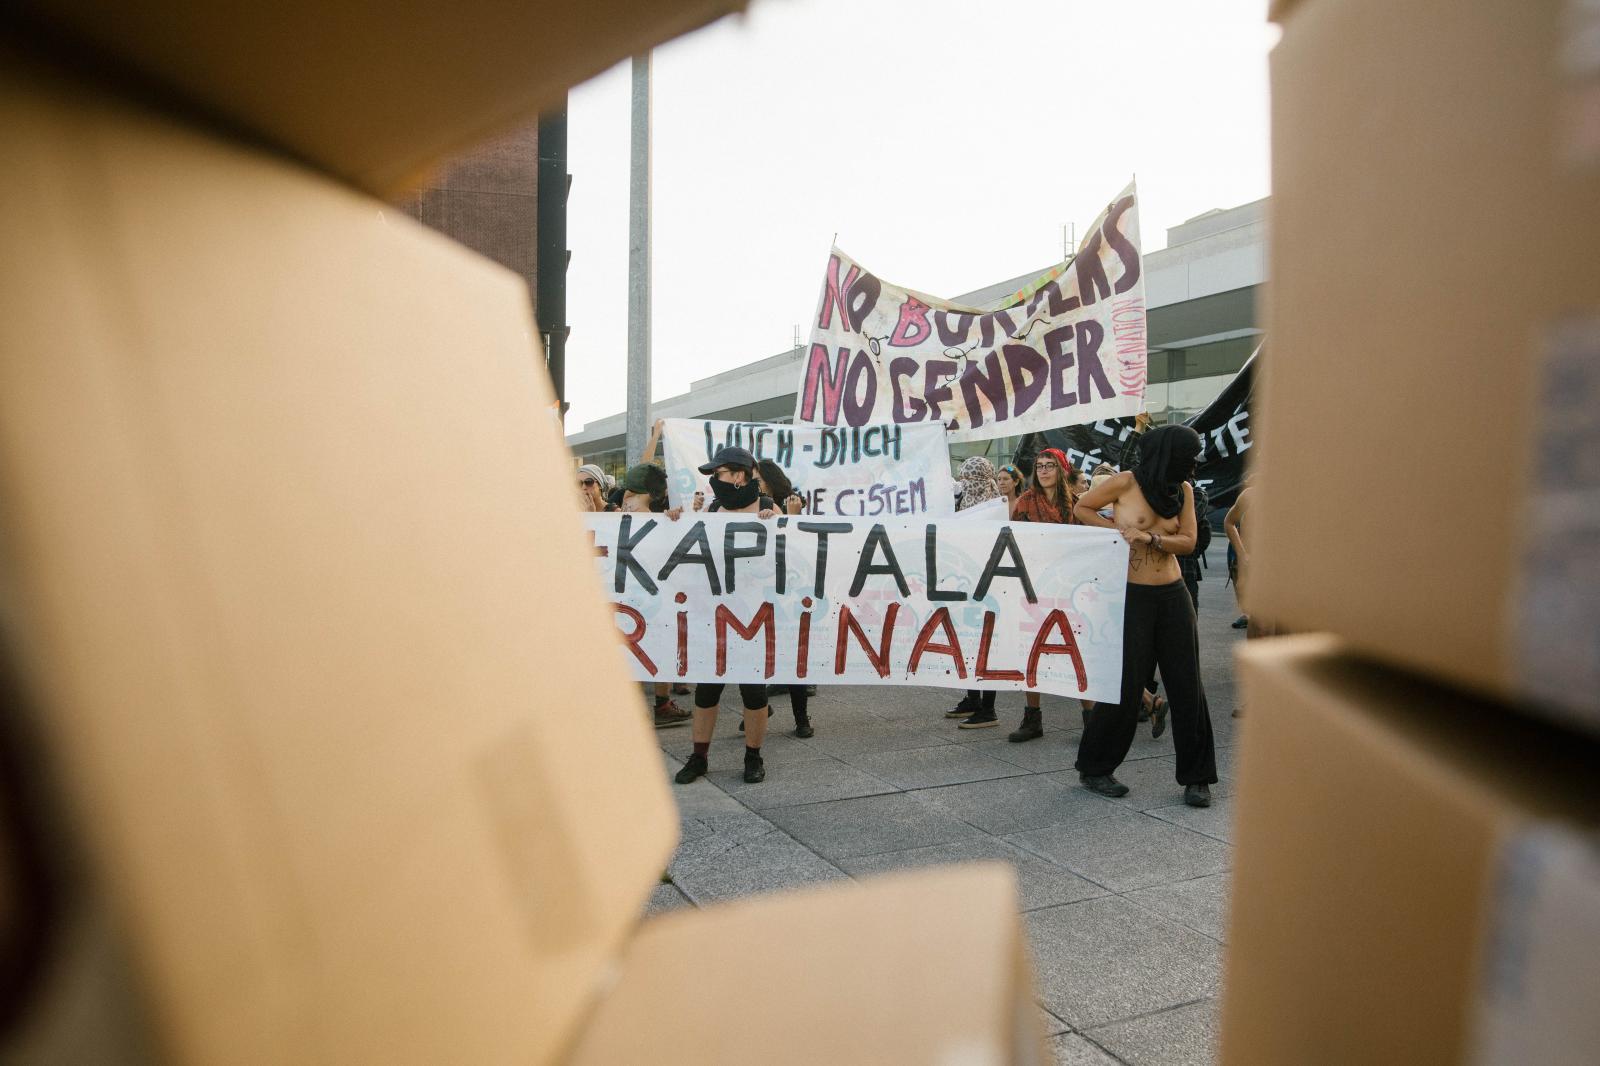 2019-08-23 - Feminist demonstration in Hendaye